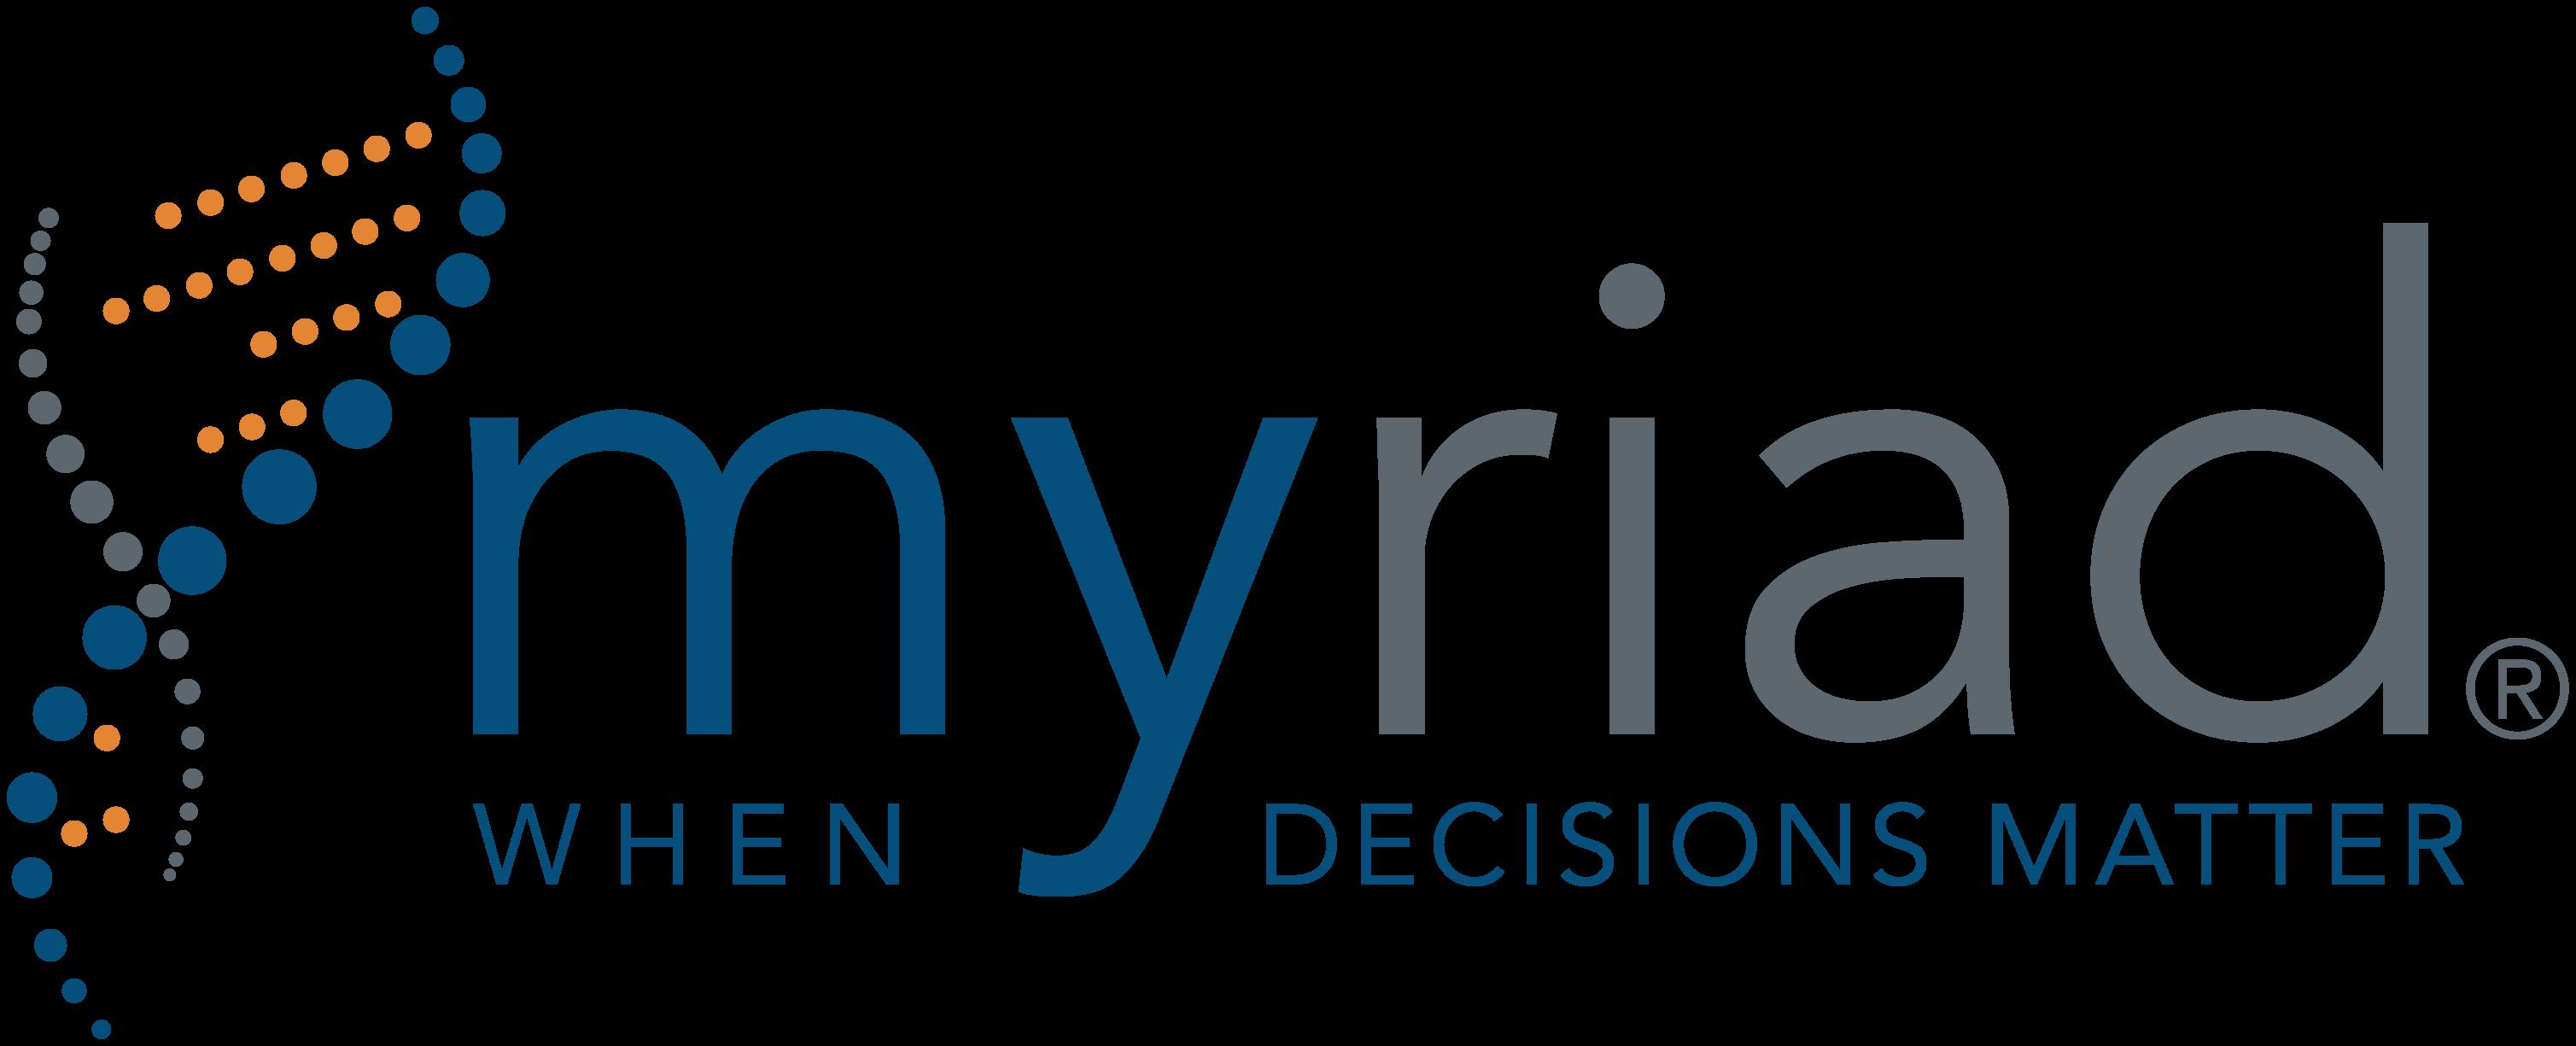 Myriad Genetics, Inc. Company Logo